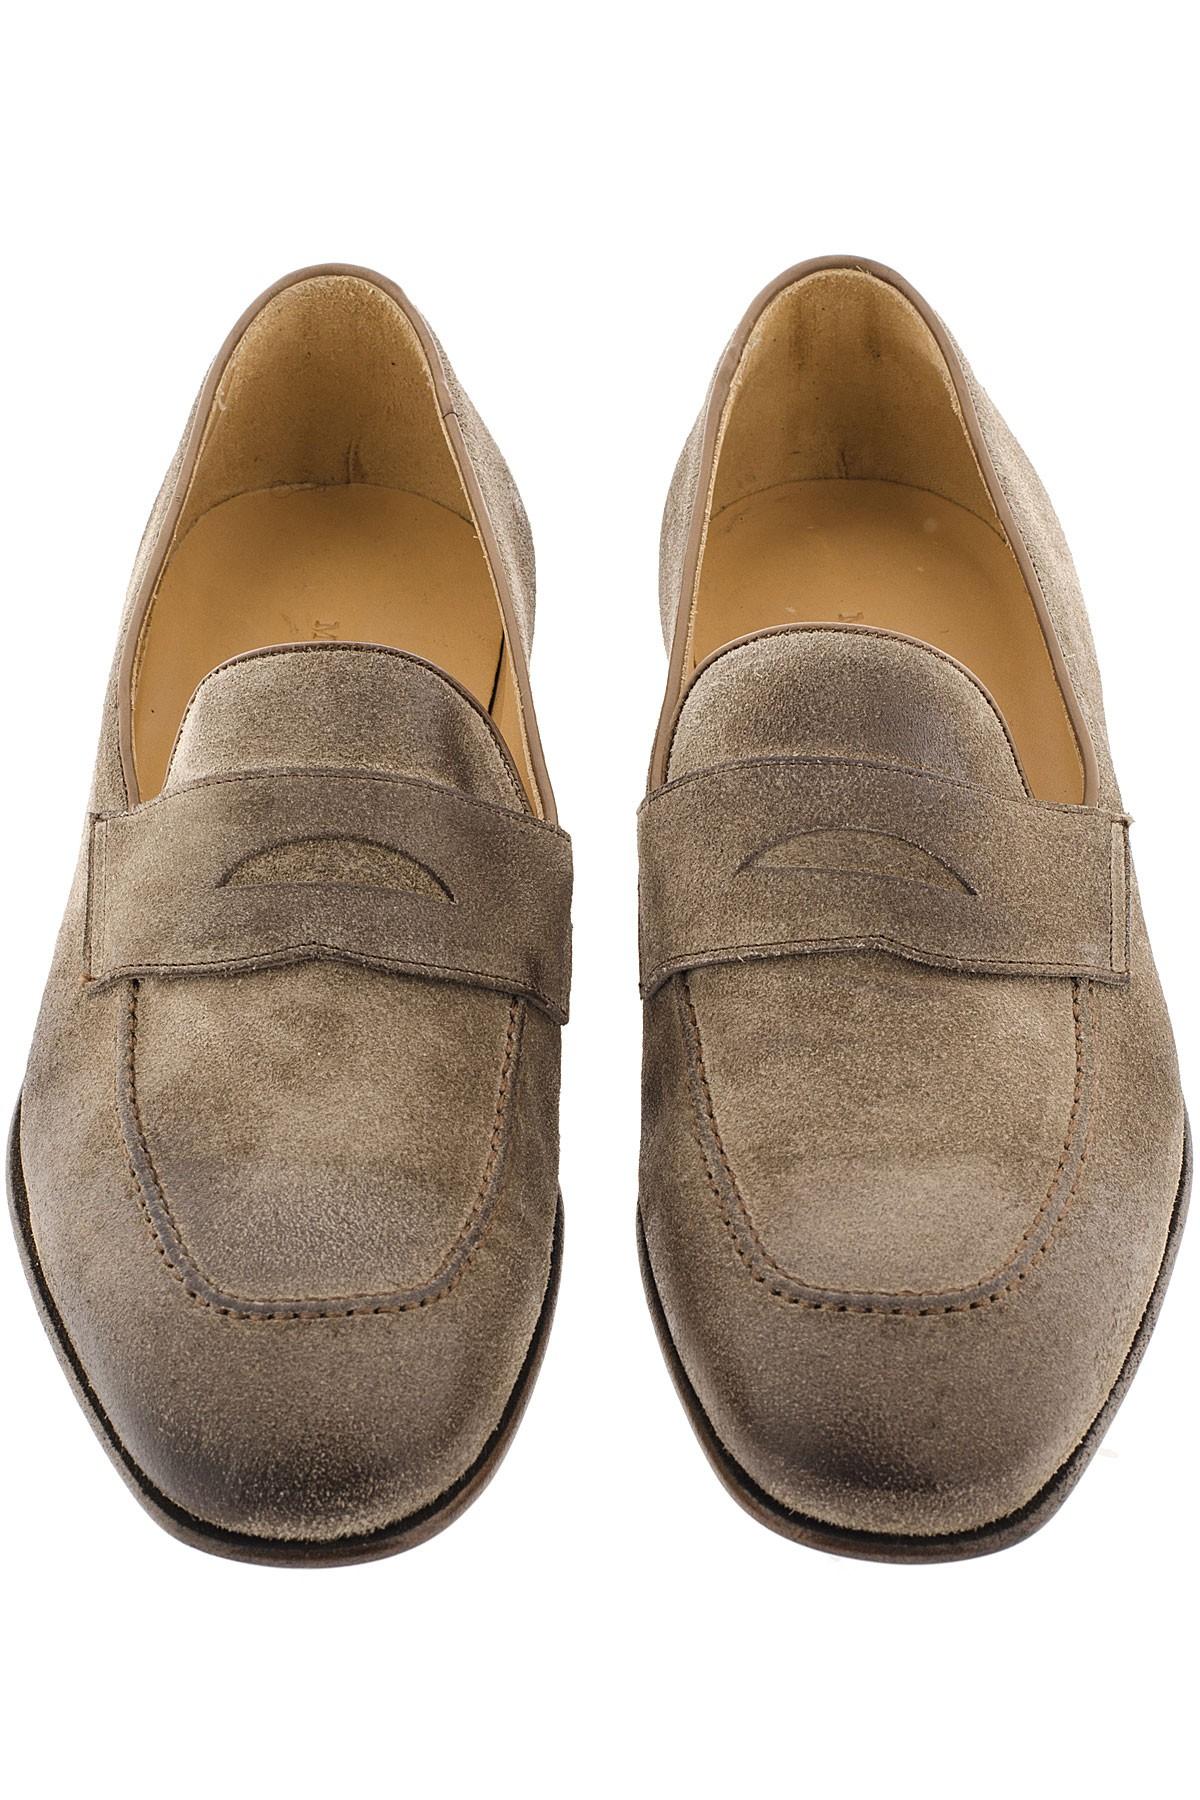 Migliore scarpe uomo